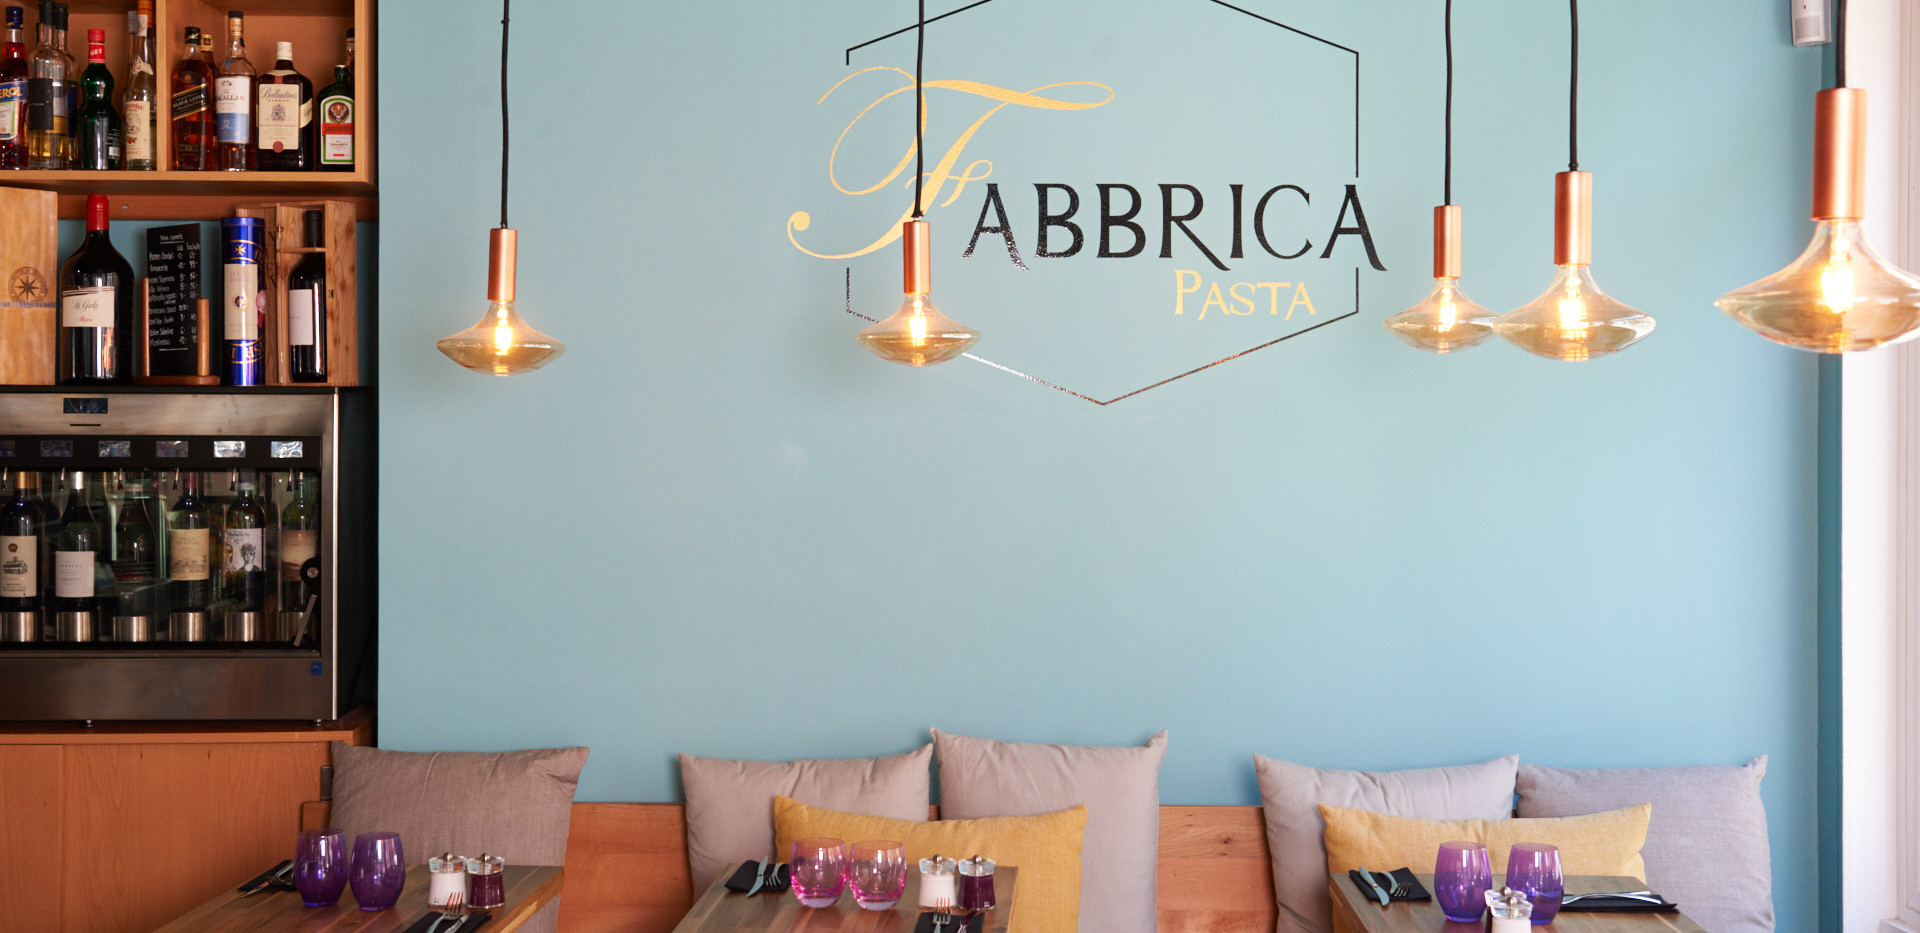 FabbricaPasta_03.jpg